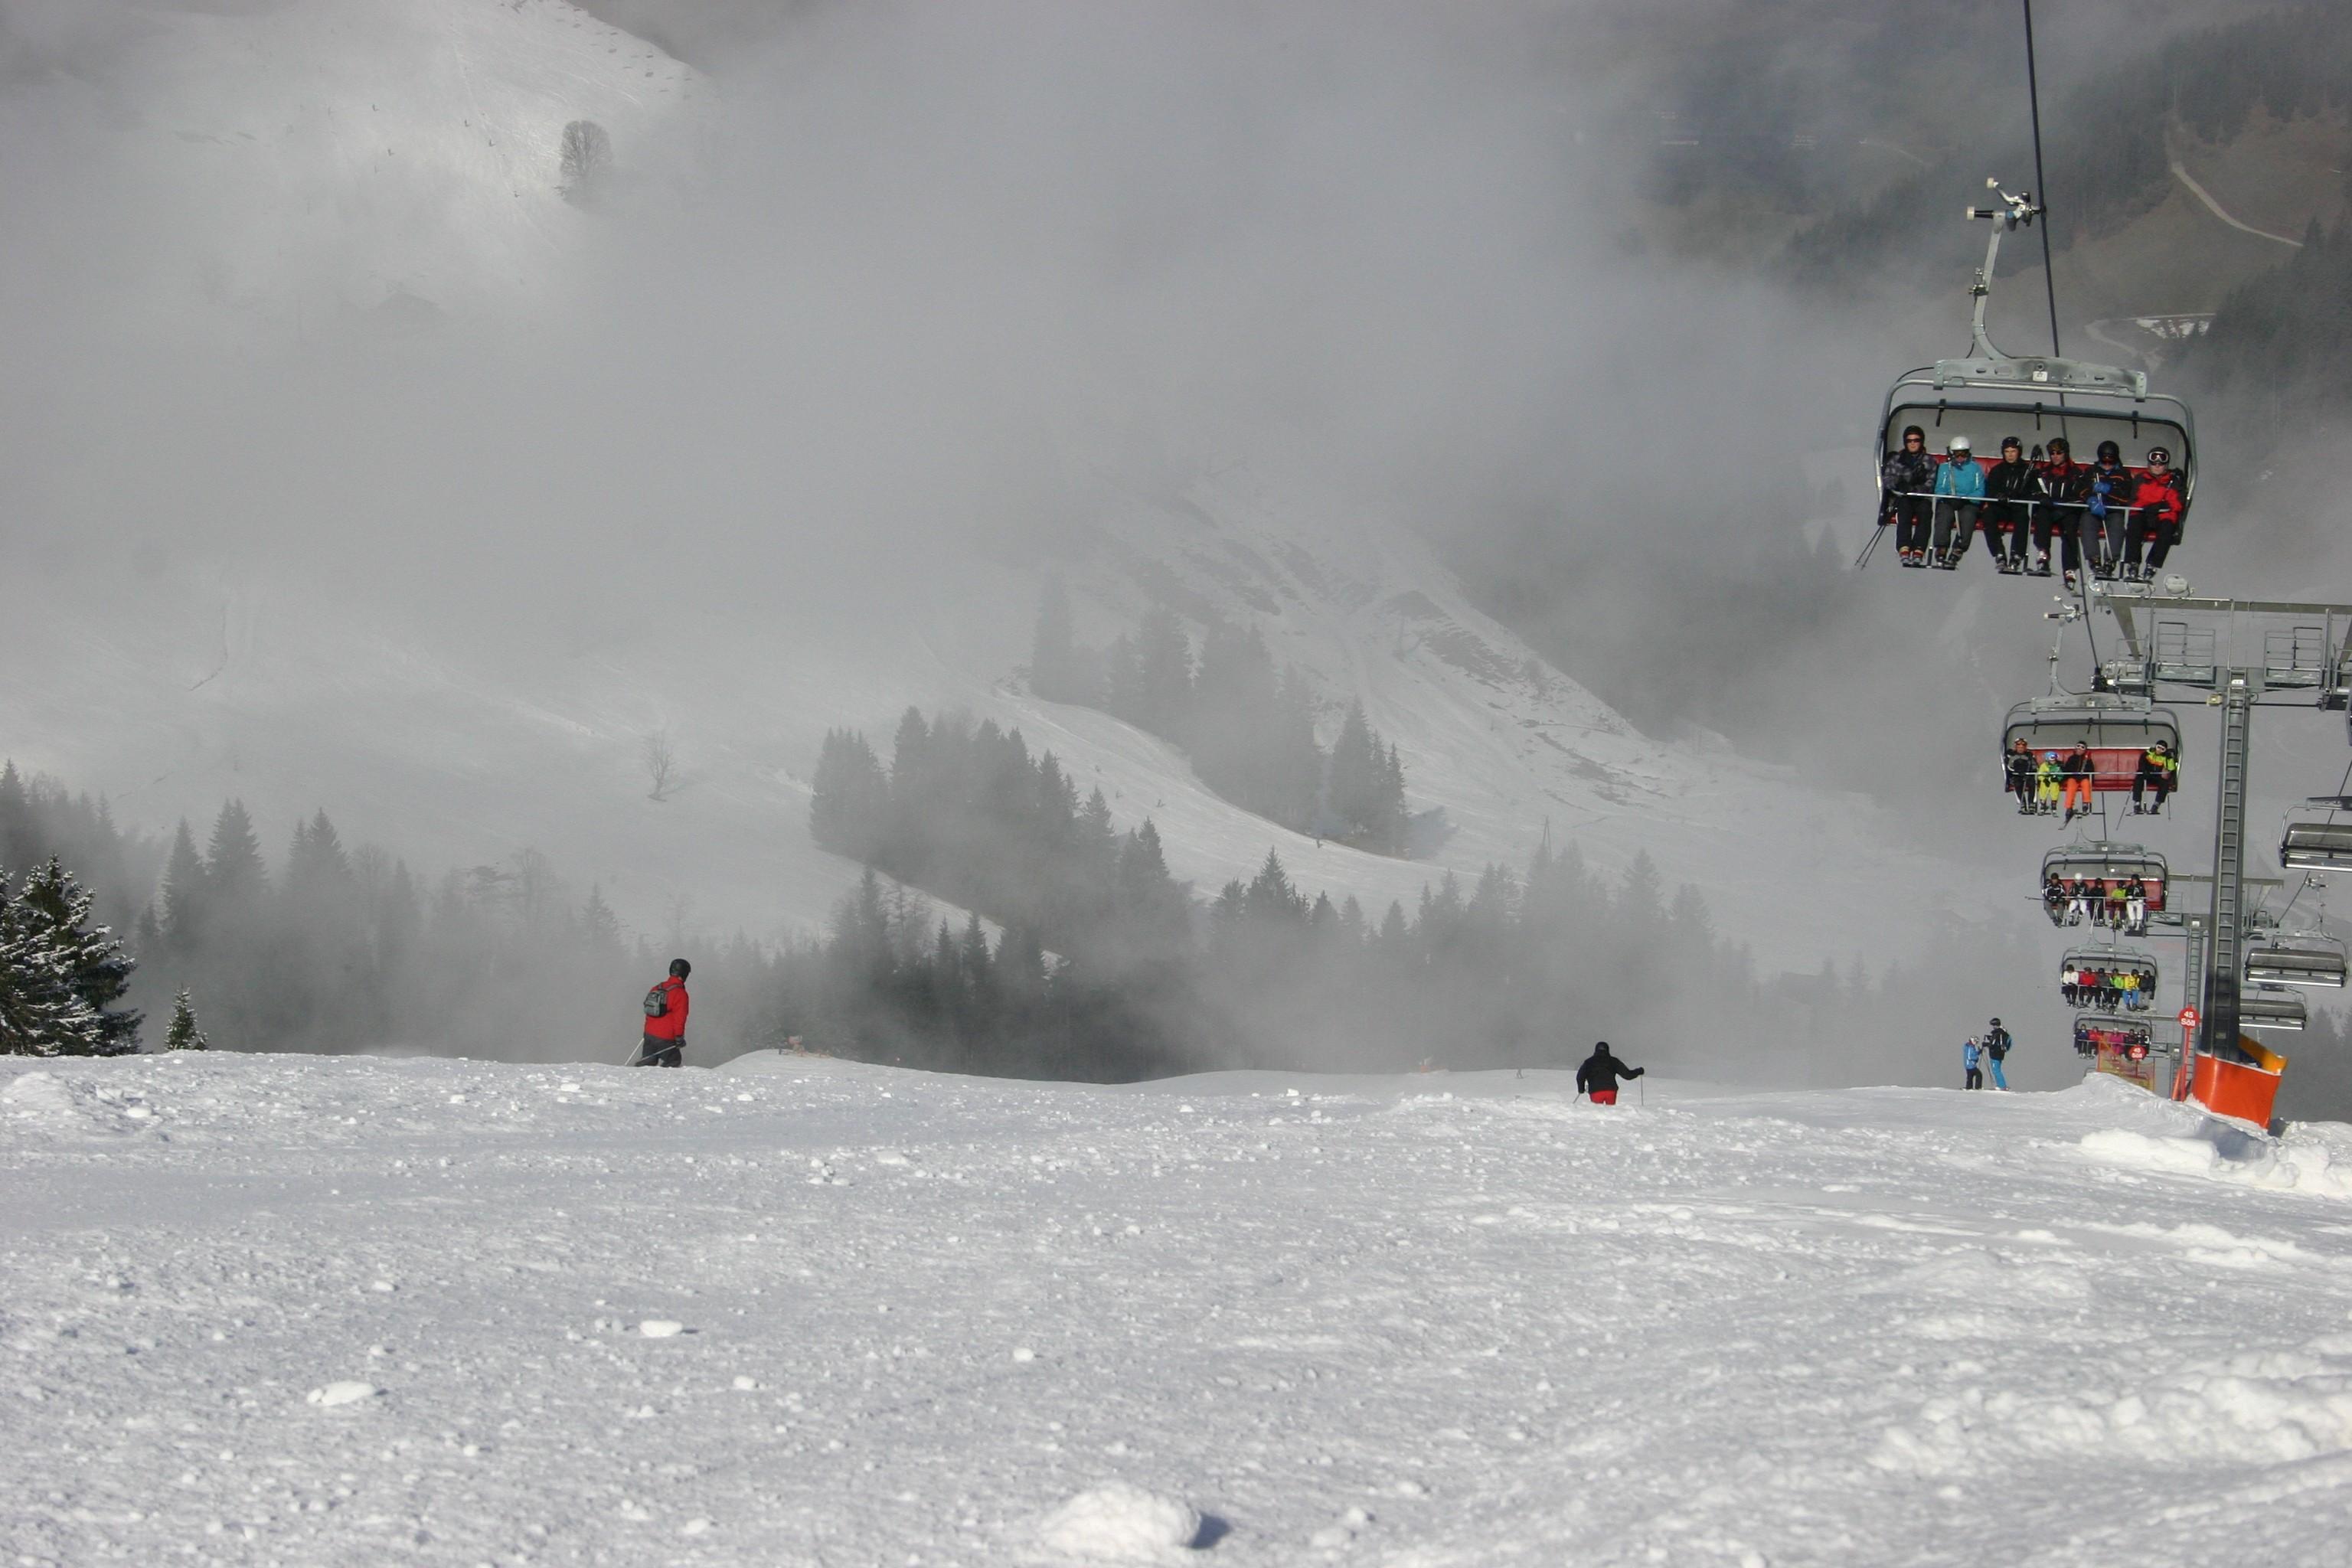 Kitzbüheler Alpen 422 - Dag 7